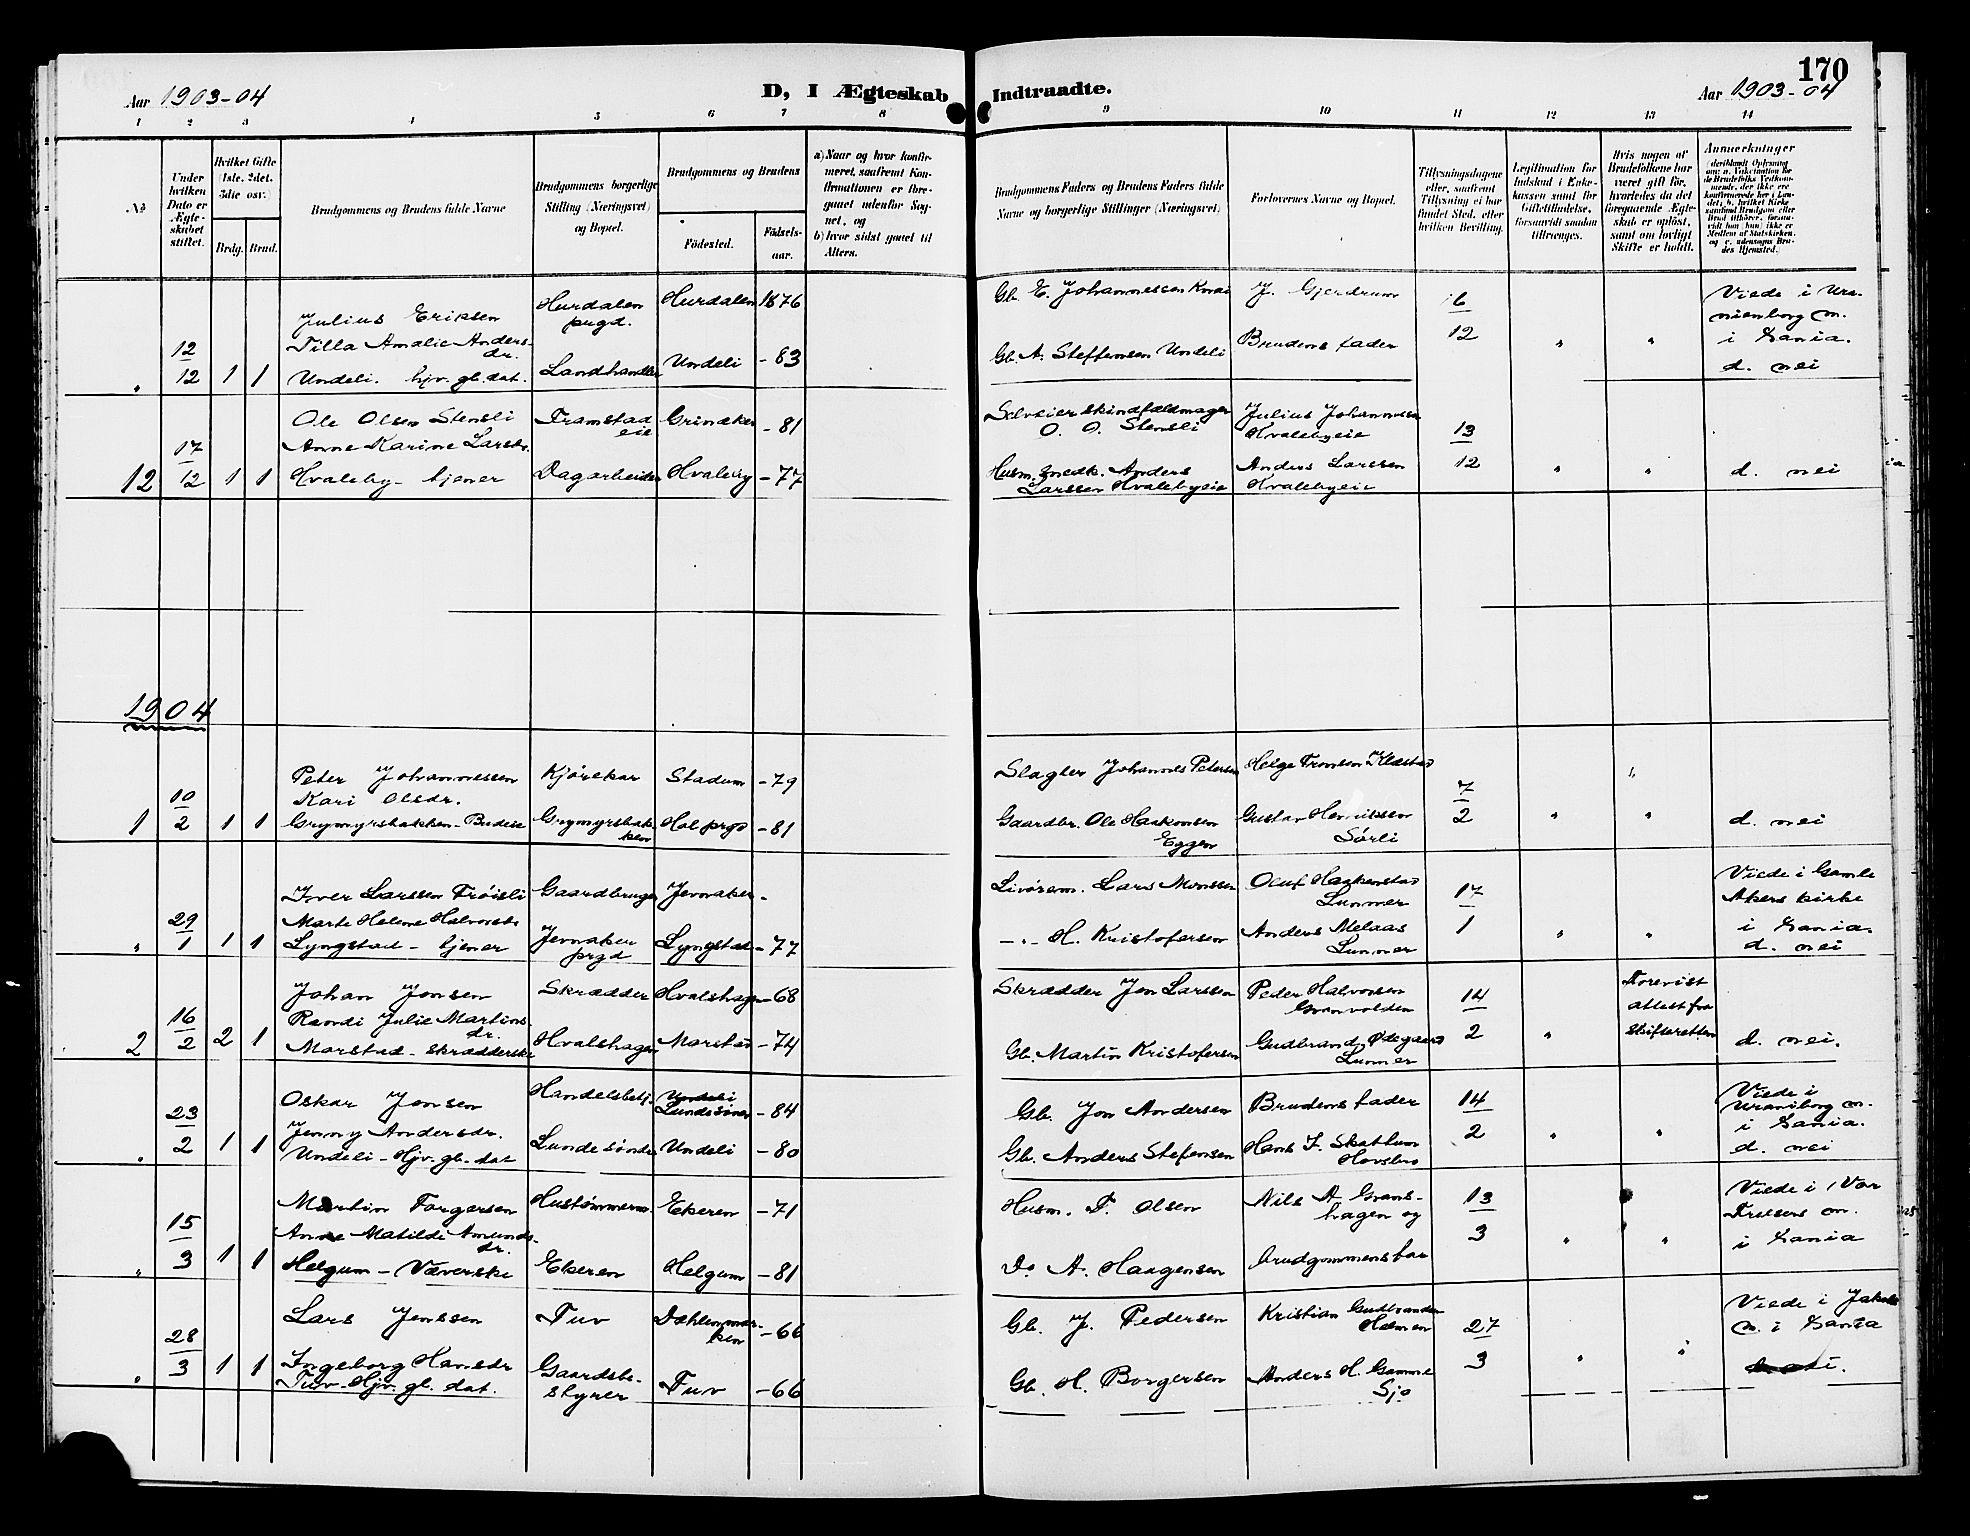 SAH, Gran prestekontor, Klokkerbok nr. 6, 1901-1911, s. 170